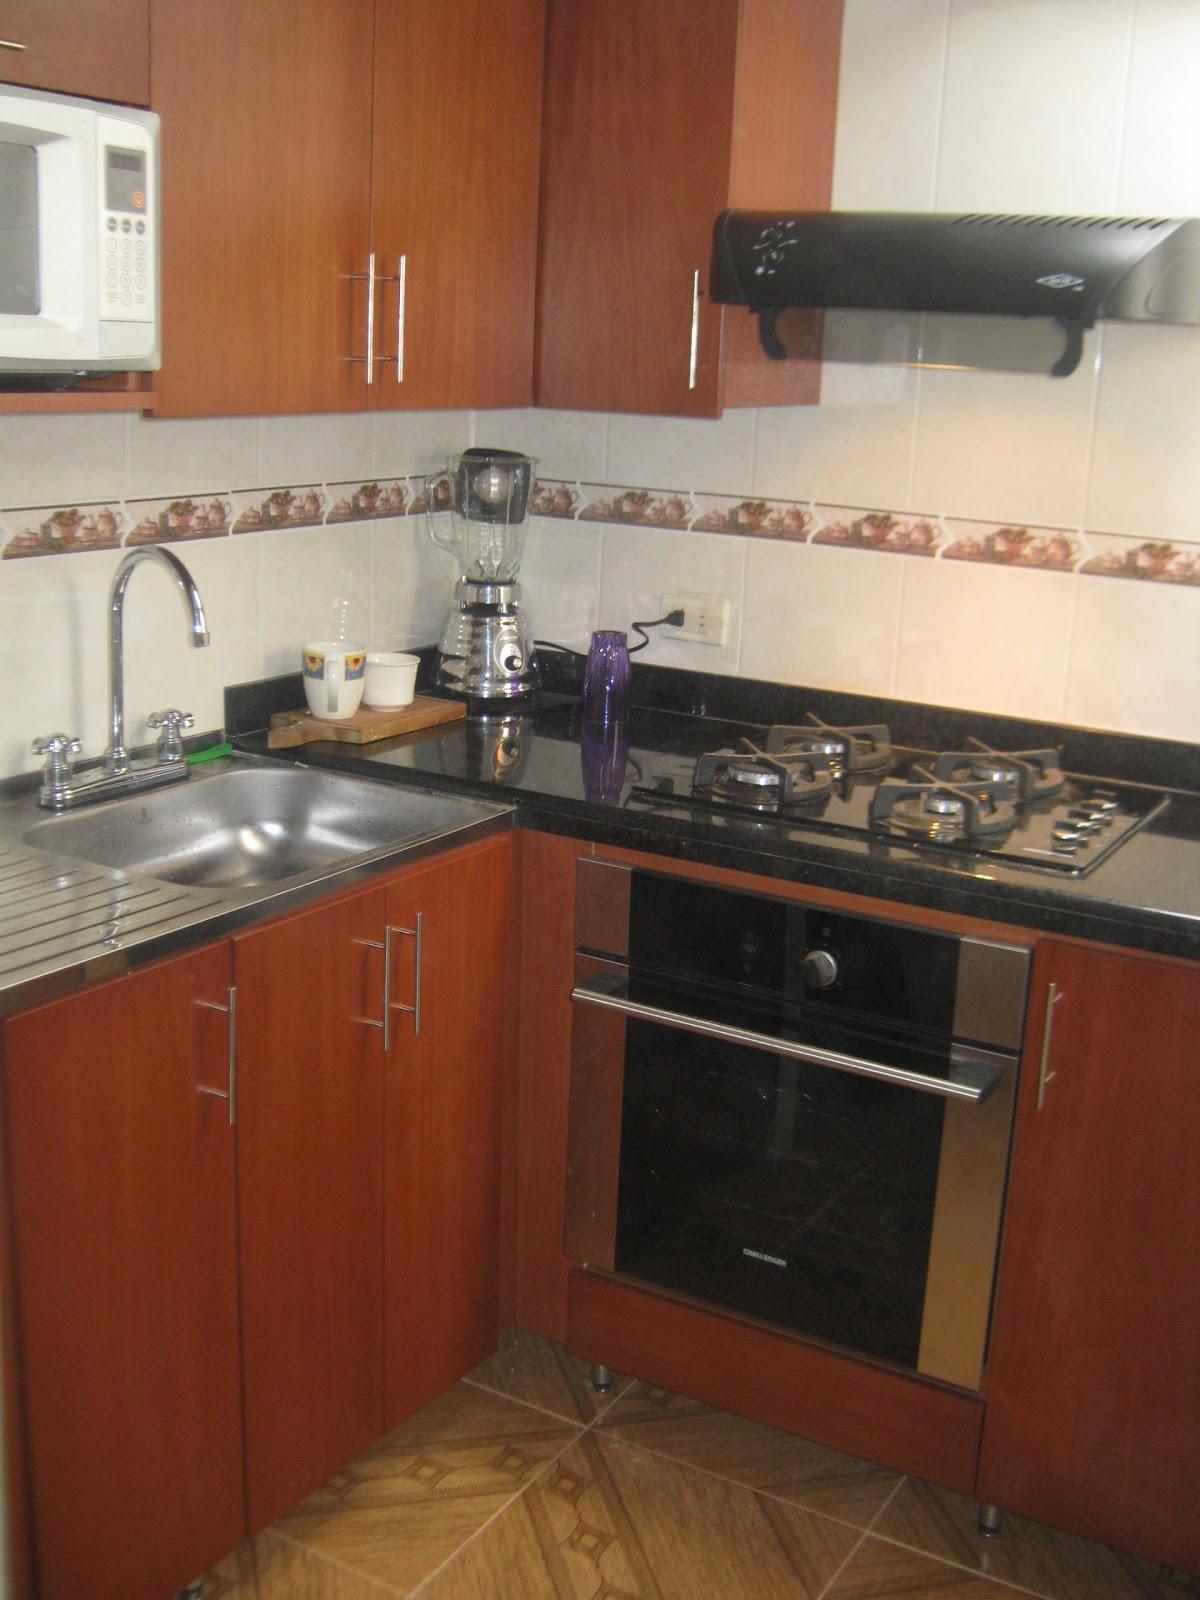 Konzeptos muebles dise o decoraci n cocinas integrales - Diseno de cocinas online ...